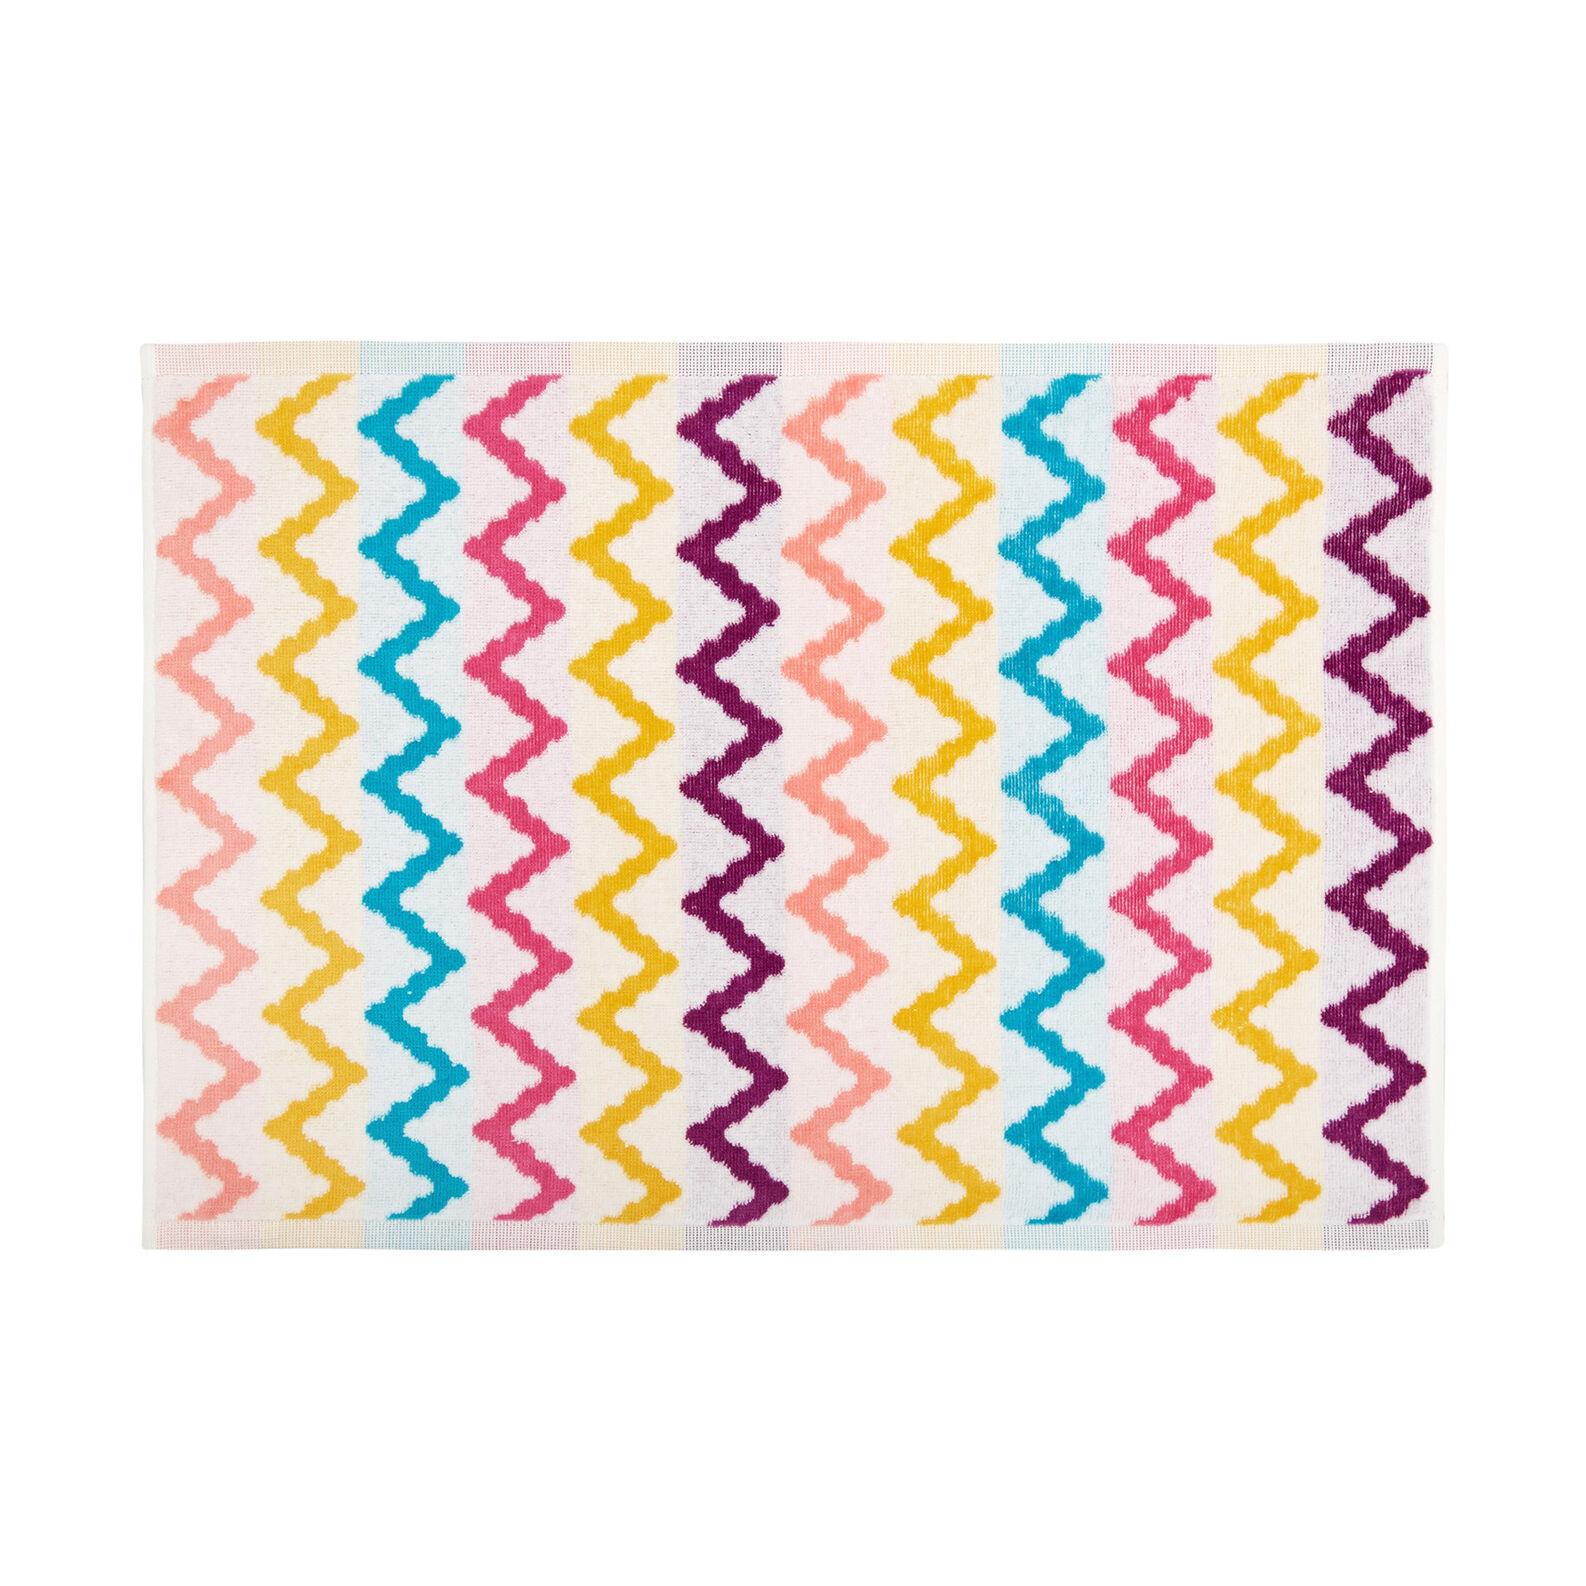 Velour cotton towel with zigzag motif